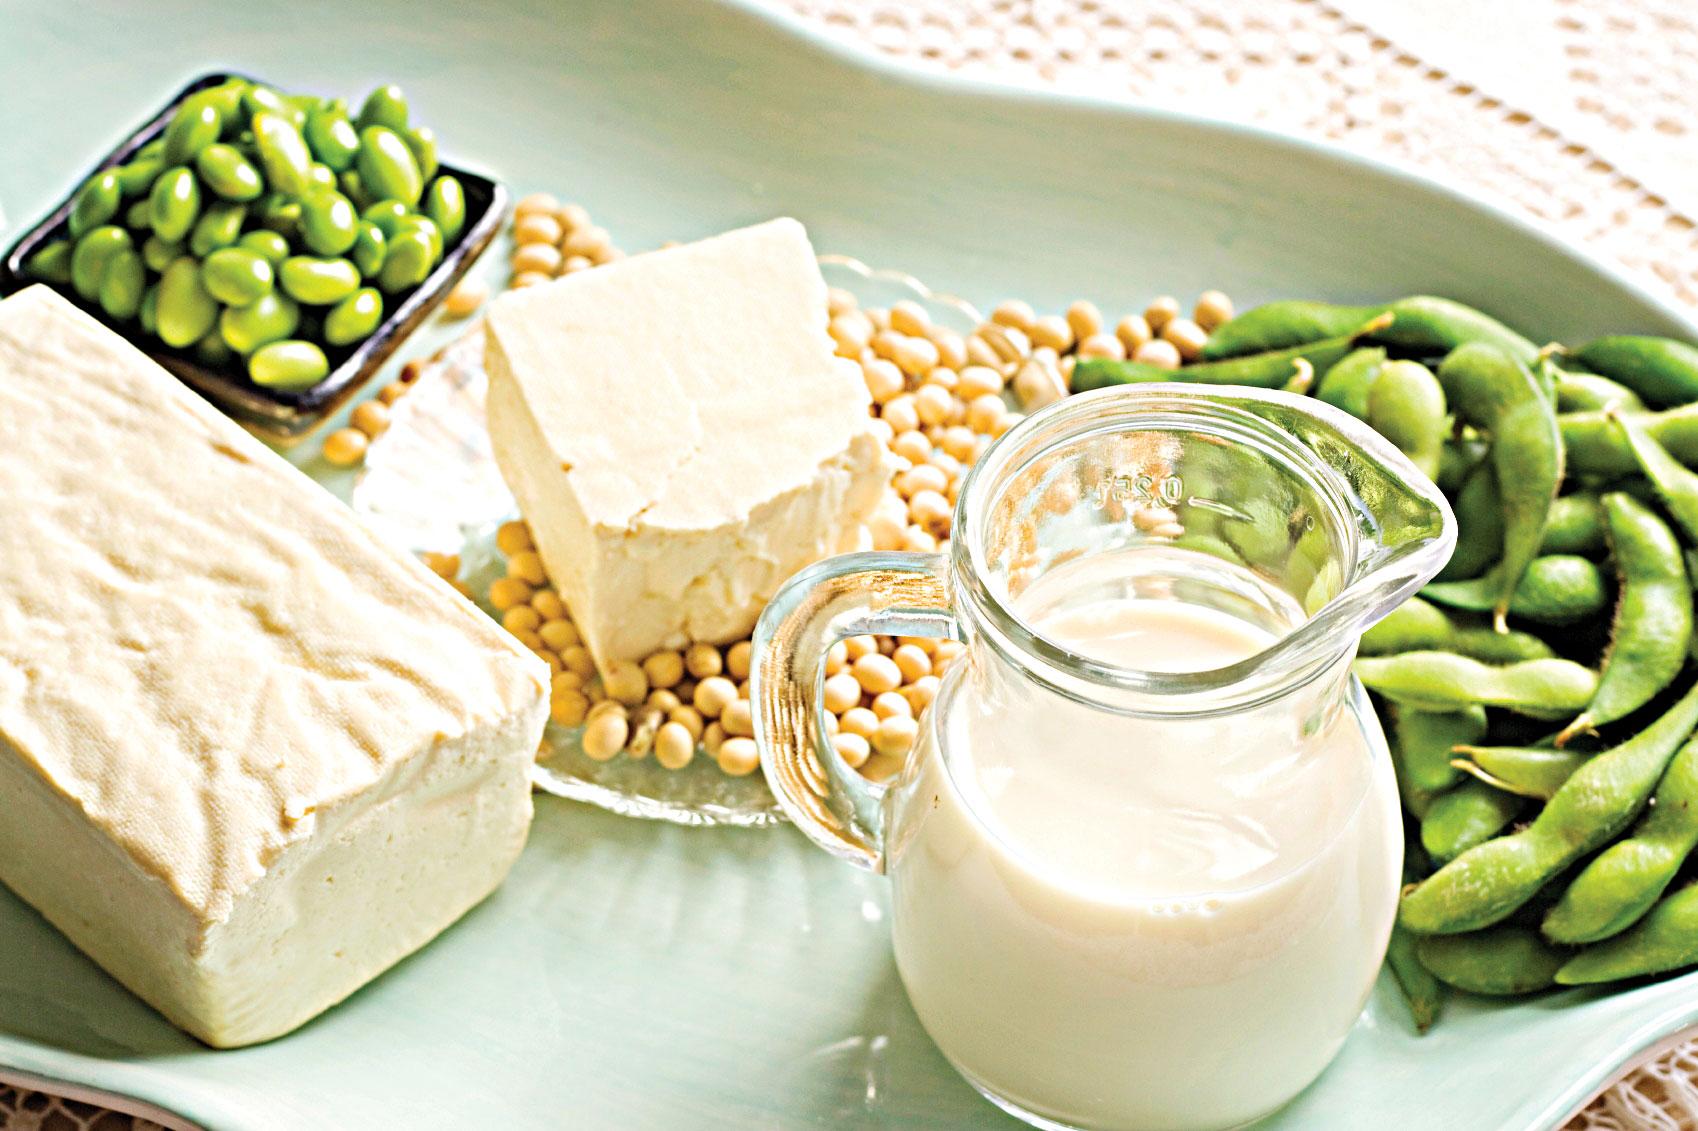 7 loại sữa bà bầu uống được trong thai kỳ để tốt cho mẹ và bé - Ảnh 4